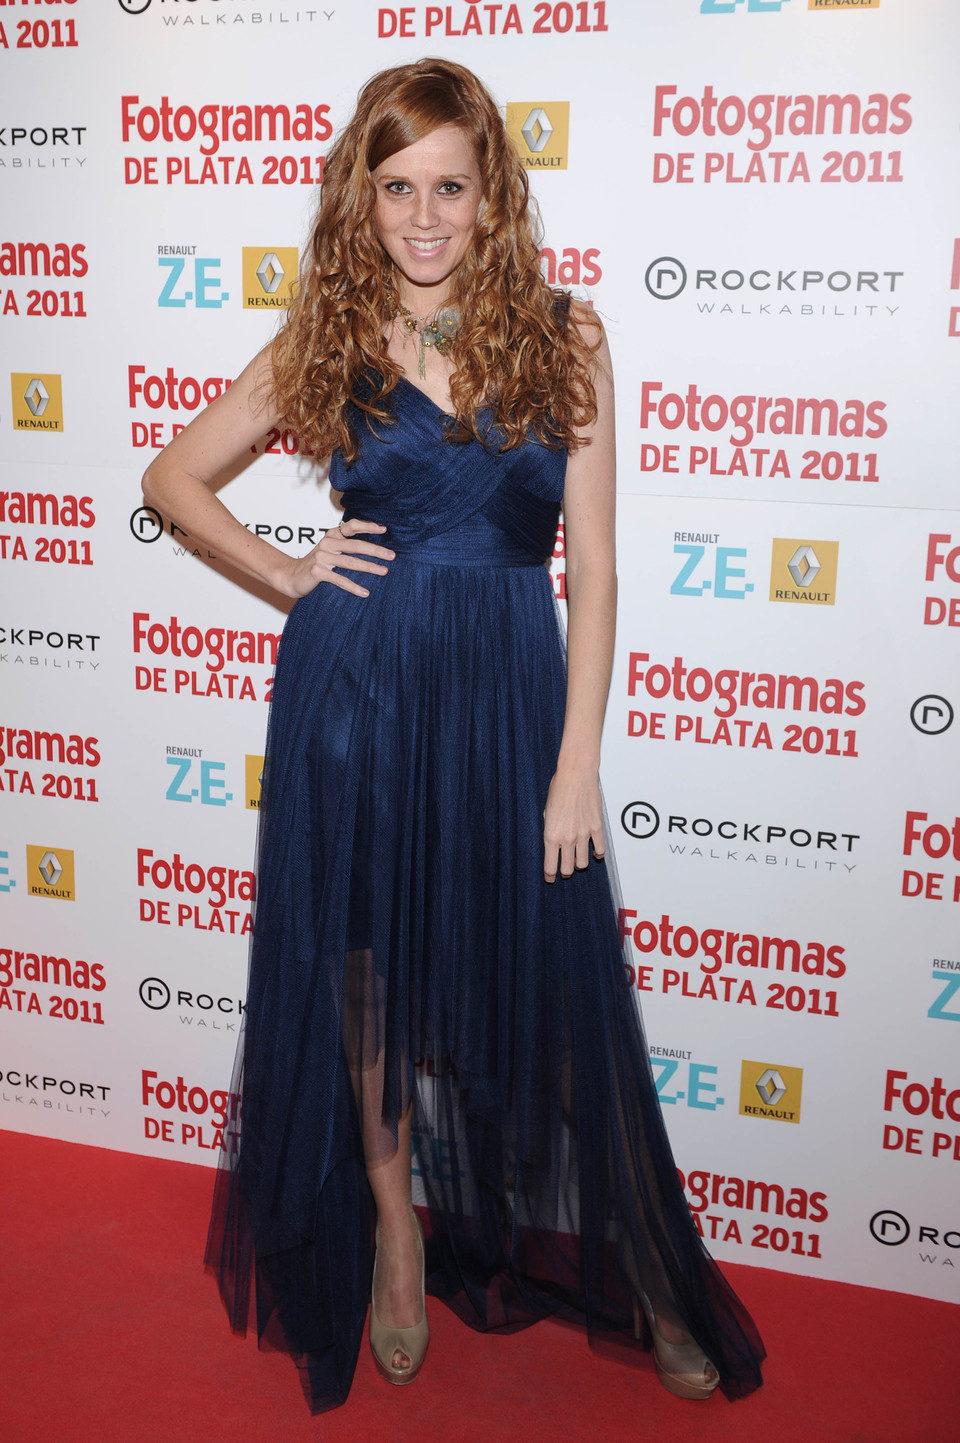 María Castro en los Fotogramas de Plata 2011